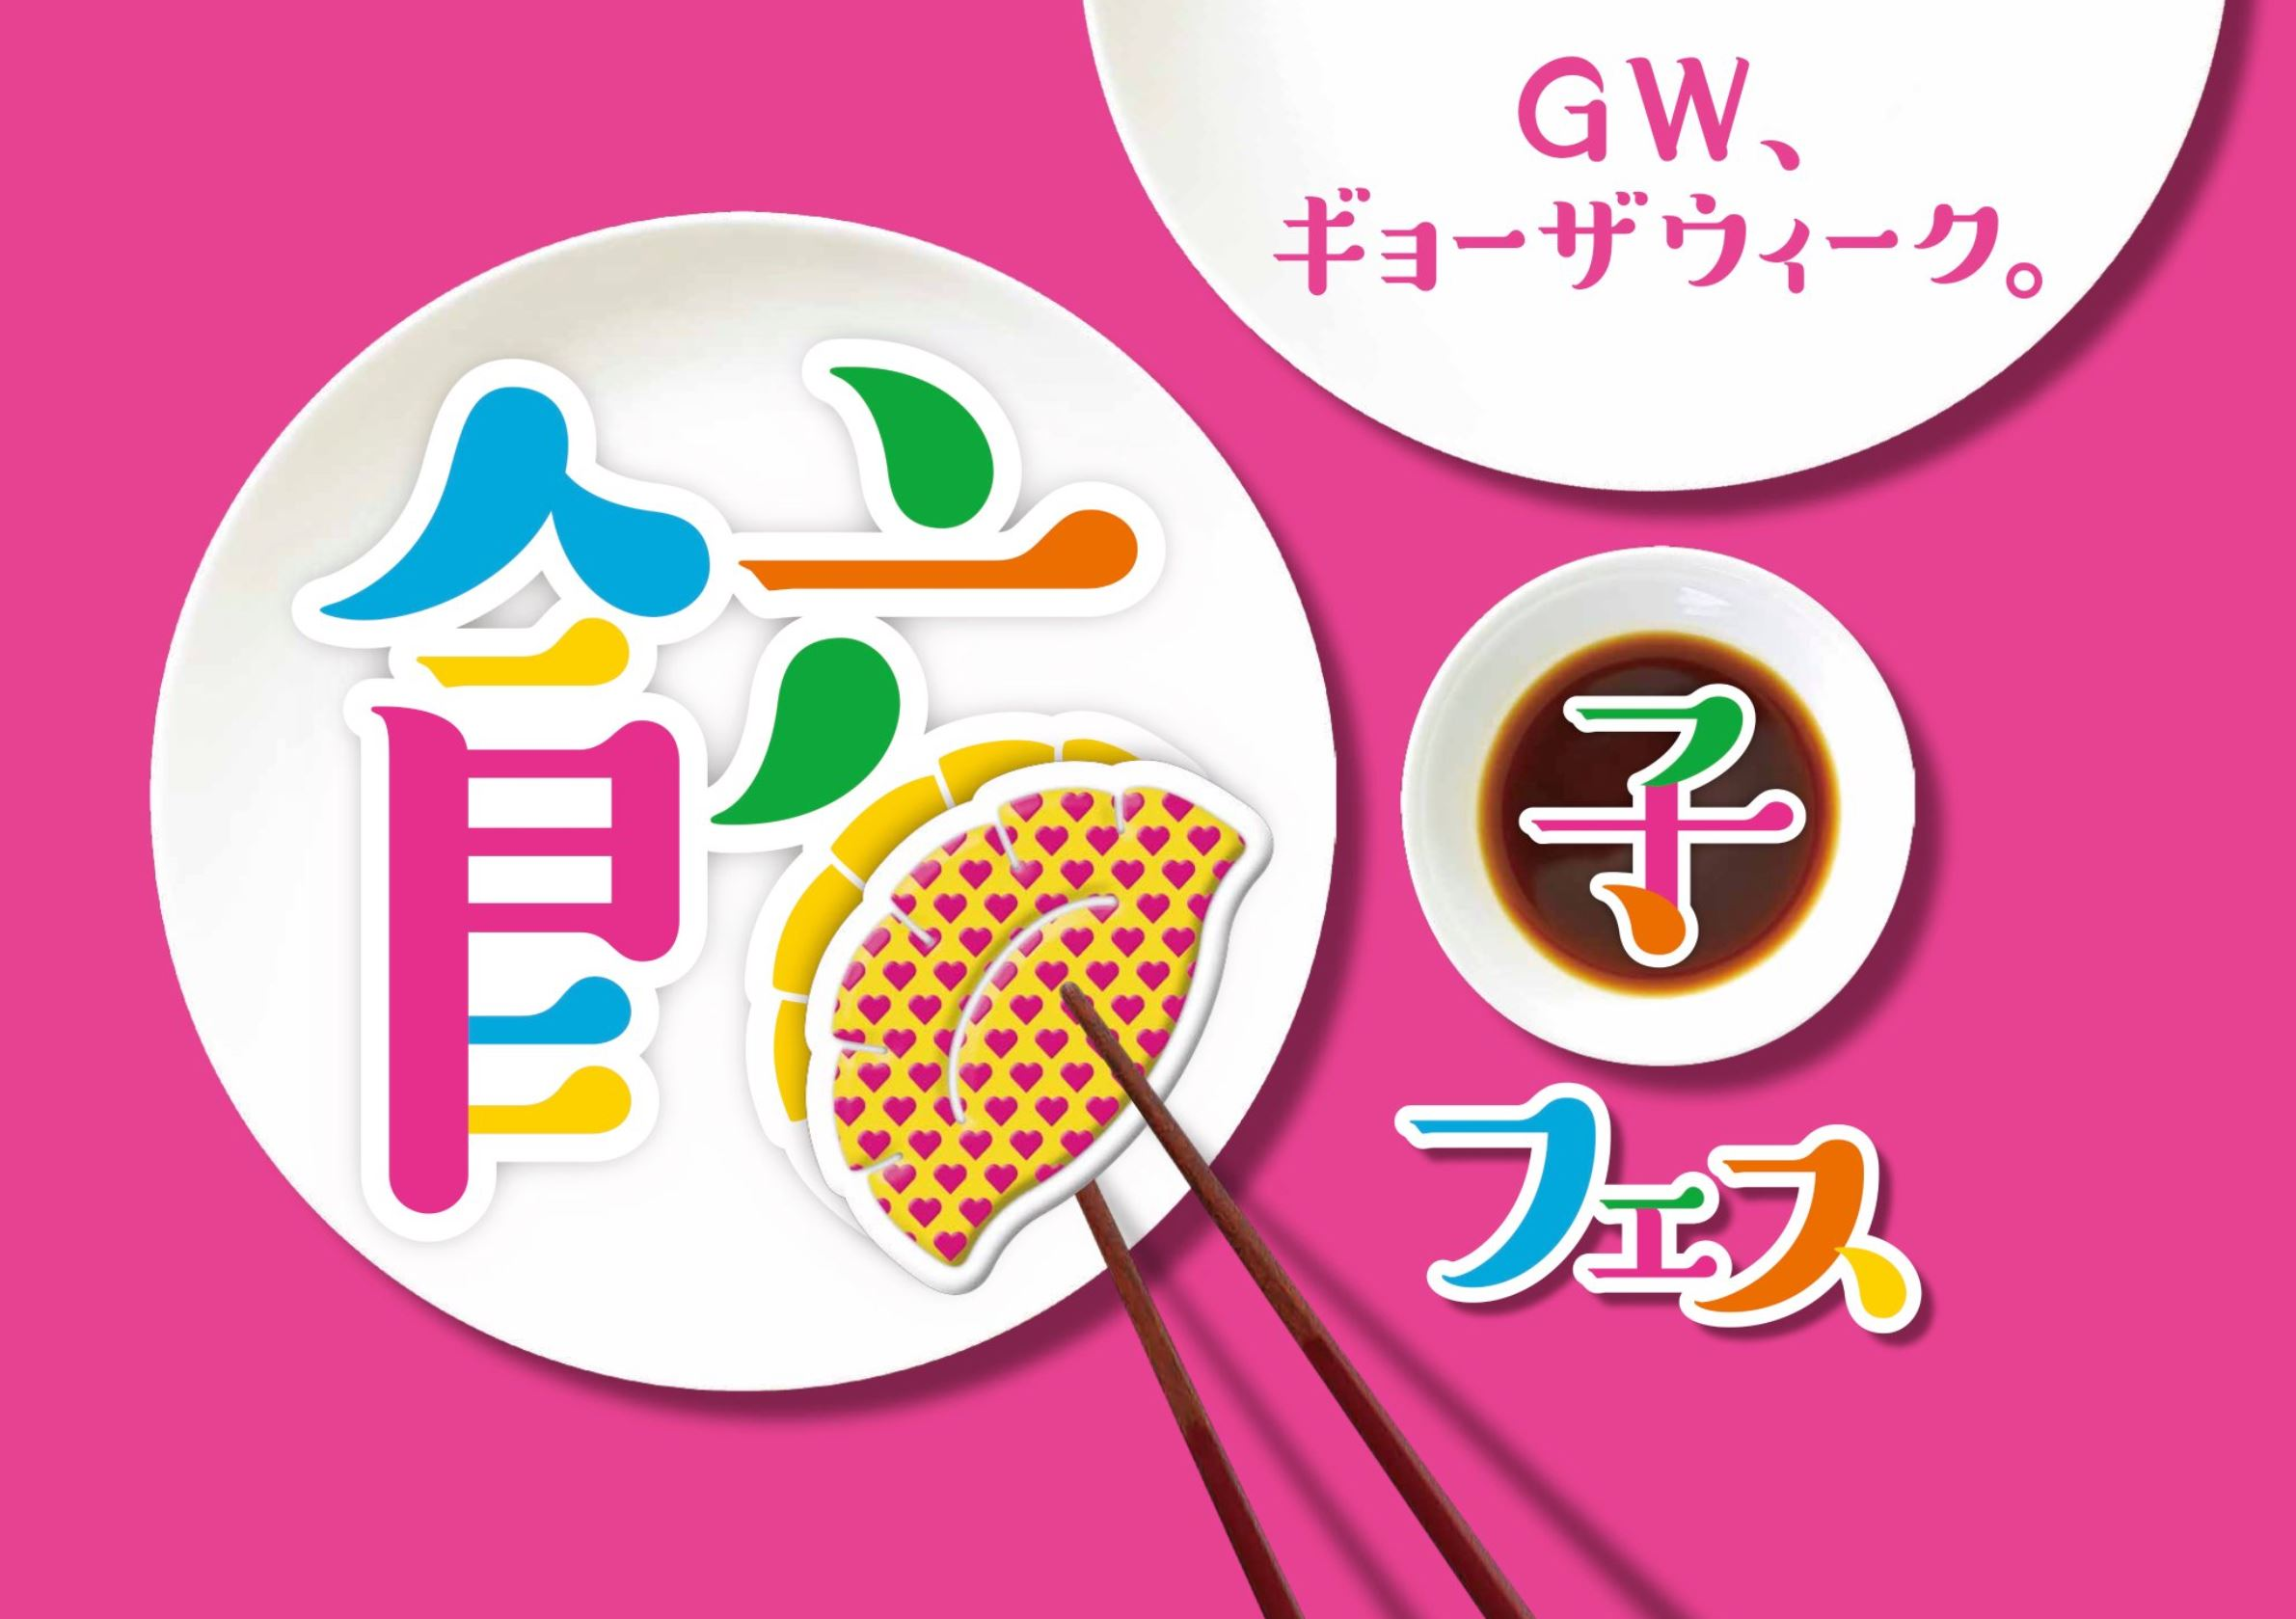 餃子フェス2019大阪の混雑回避!ファストチケット無料には電子マネーiD利用がお得!